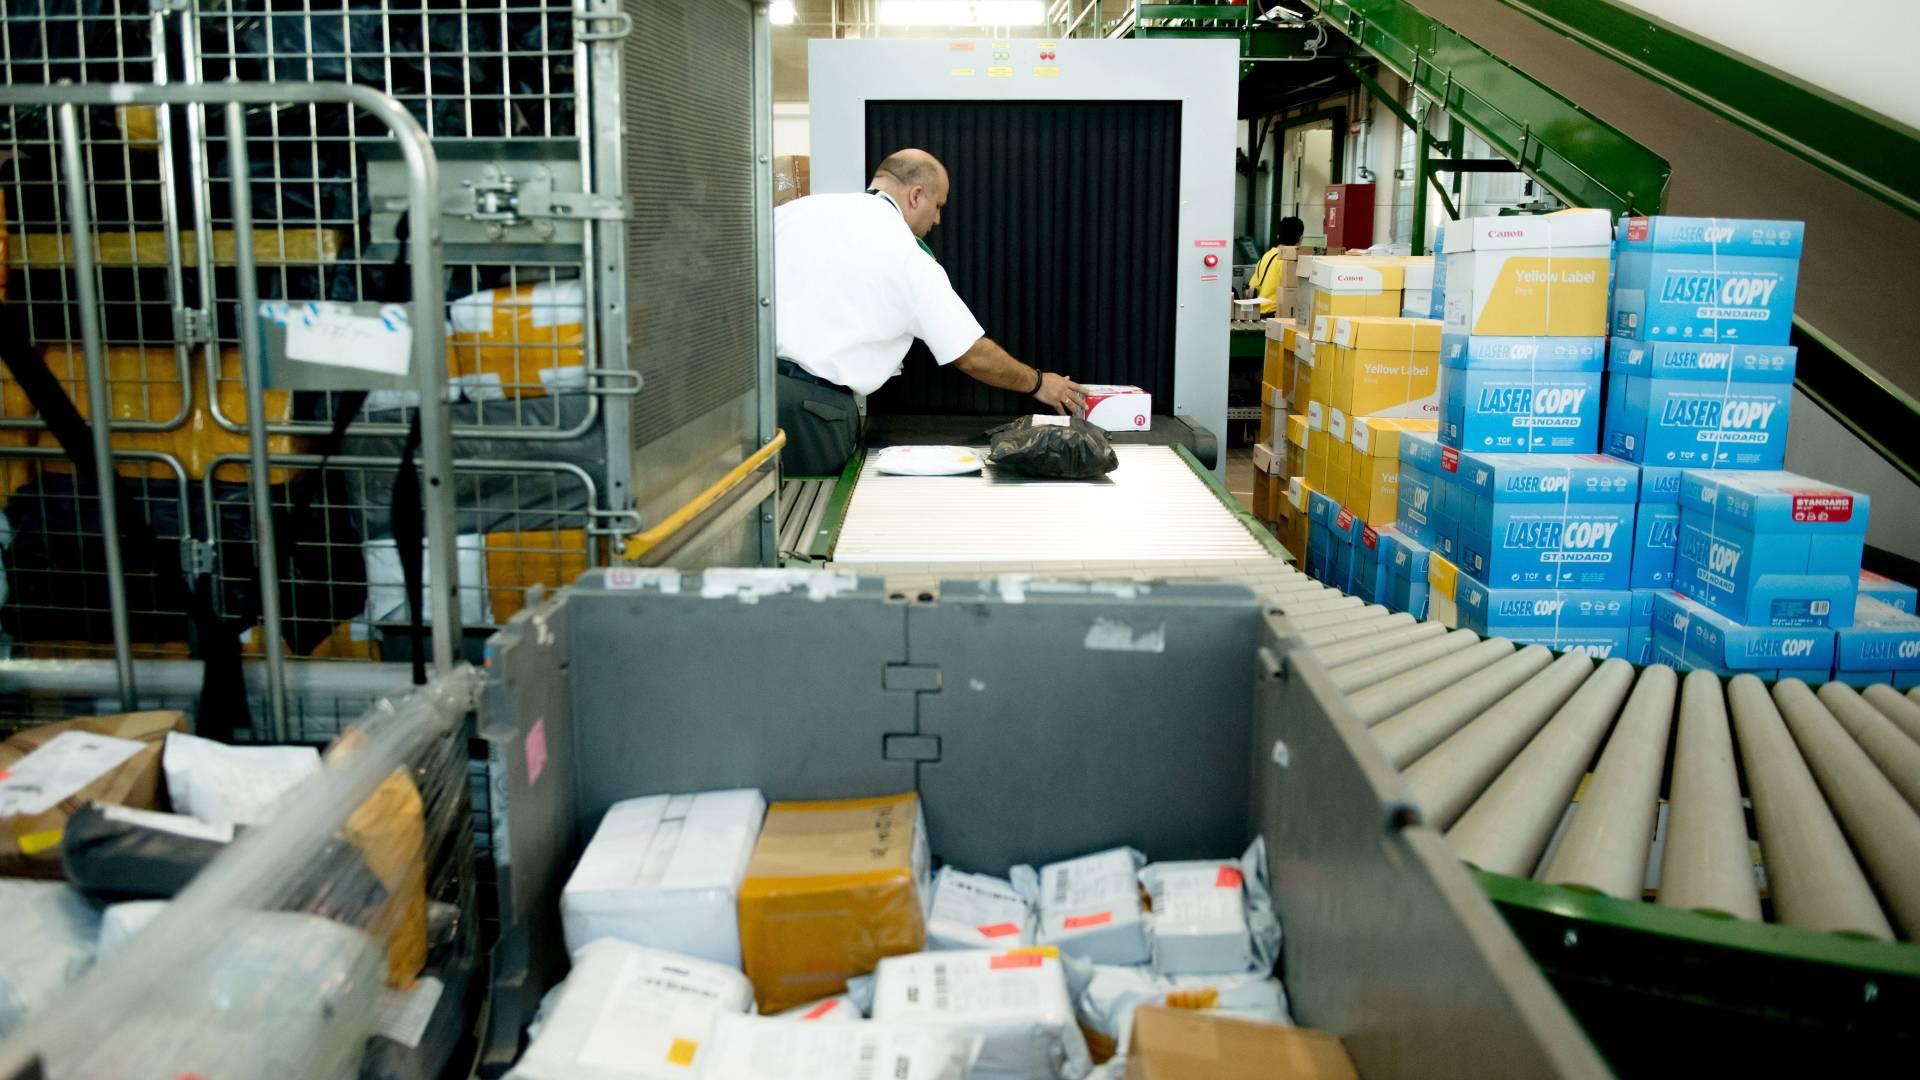 Külföldi csomagok a postán